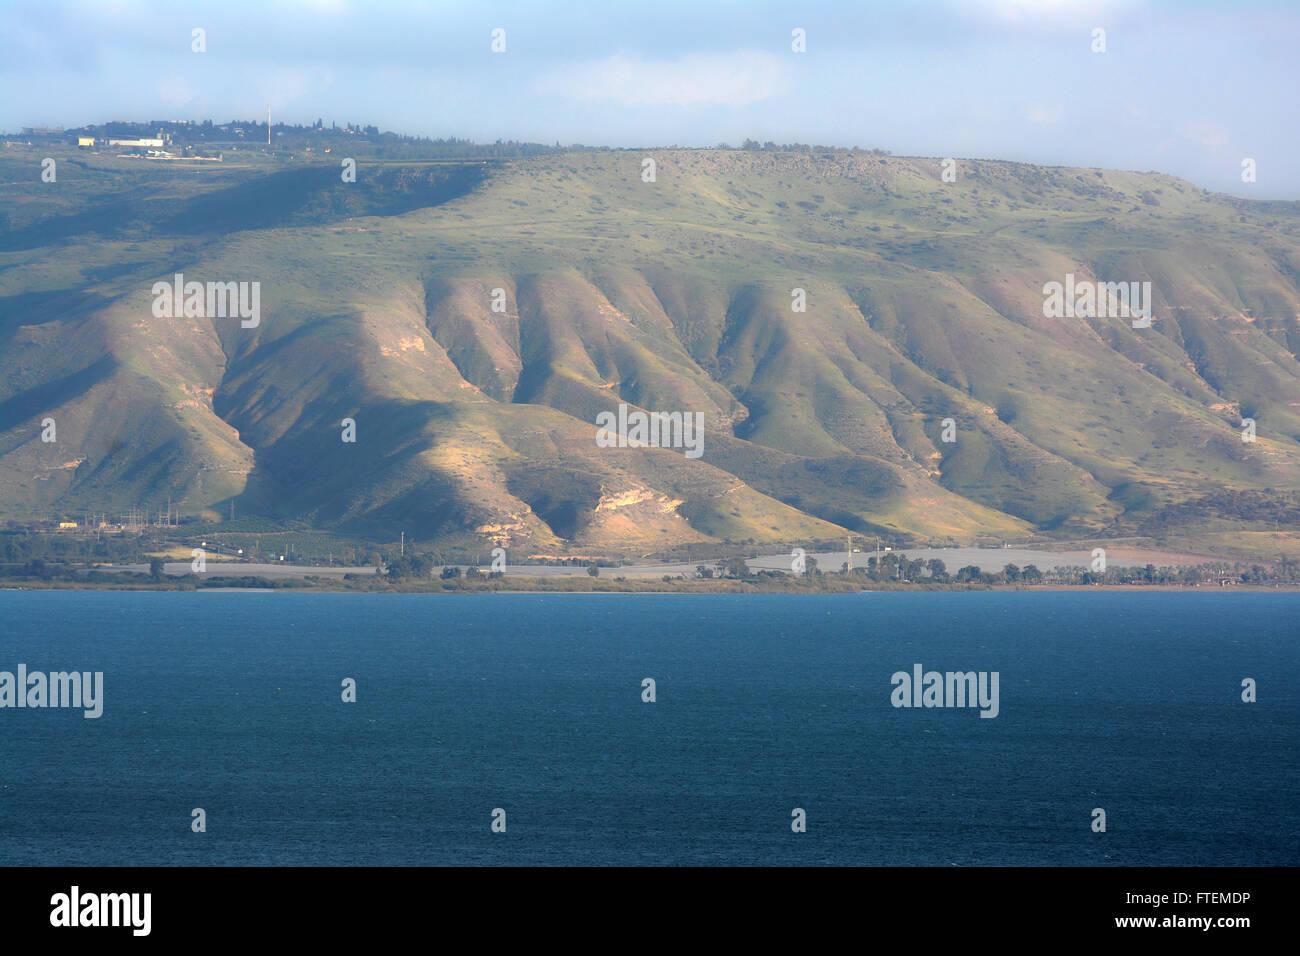 Alture del Golan e altezze thGolan, sul mare di Galilea, Israele, Golane mare di Galilea, Israele Immagini Stock